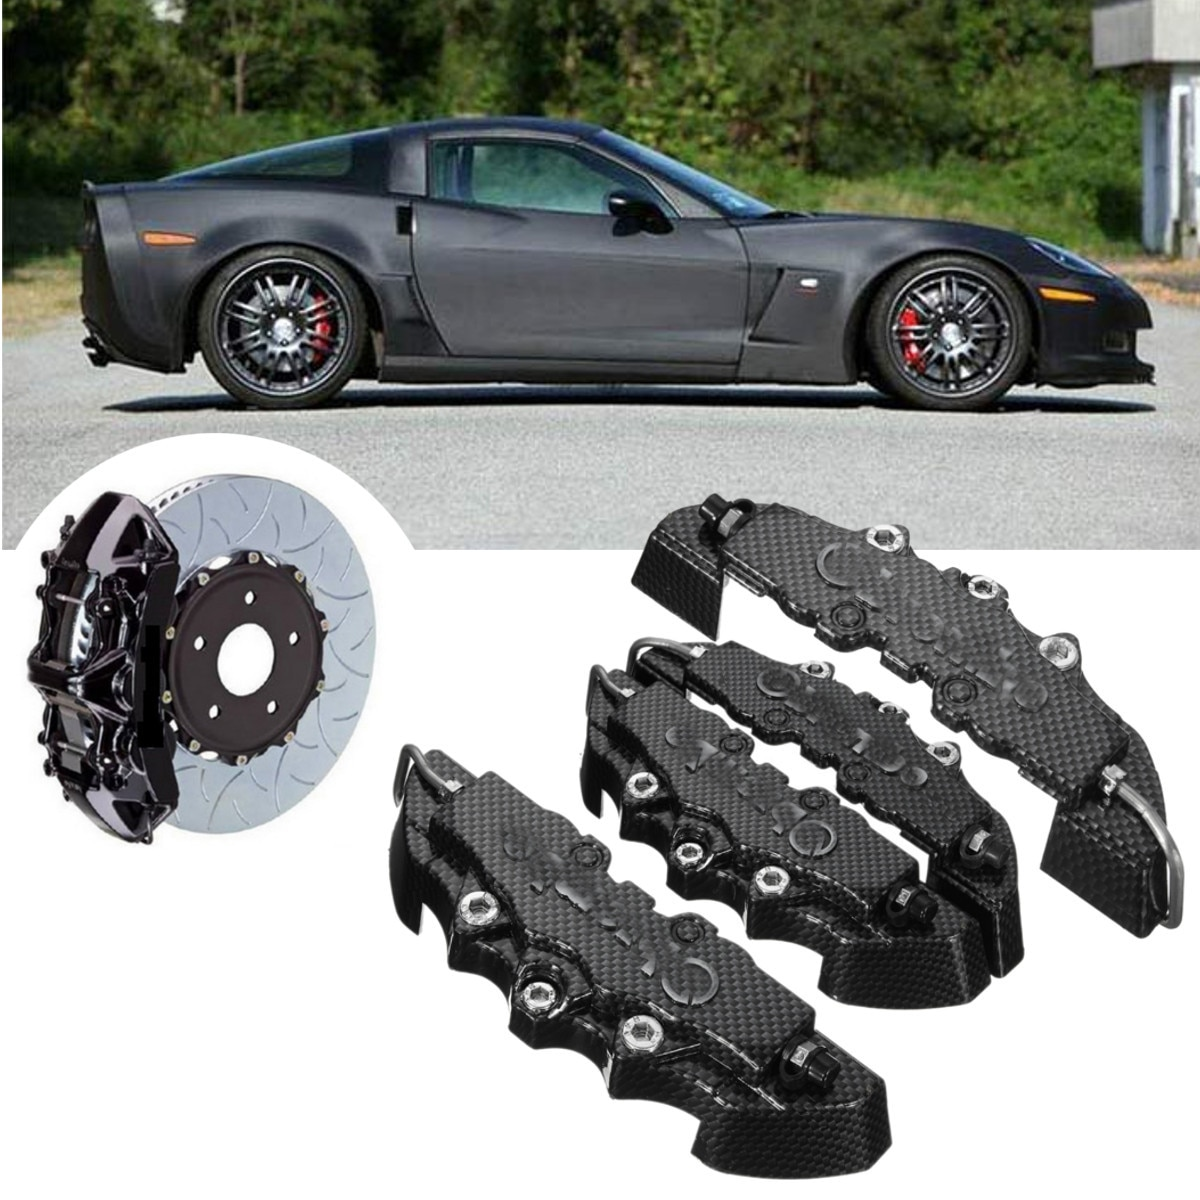 4 pçs abs de alta qualidade frente padrão traseiro universal freio a disco pinça capa com 3d olhar fibra carbono m + s braki